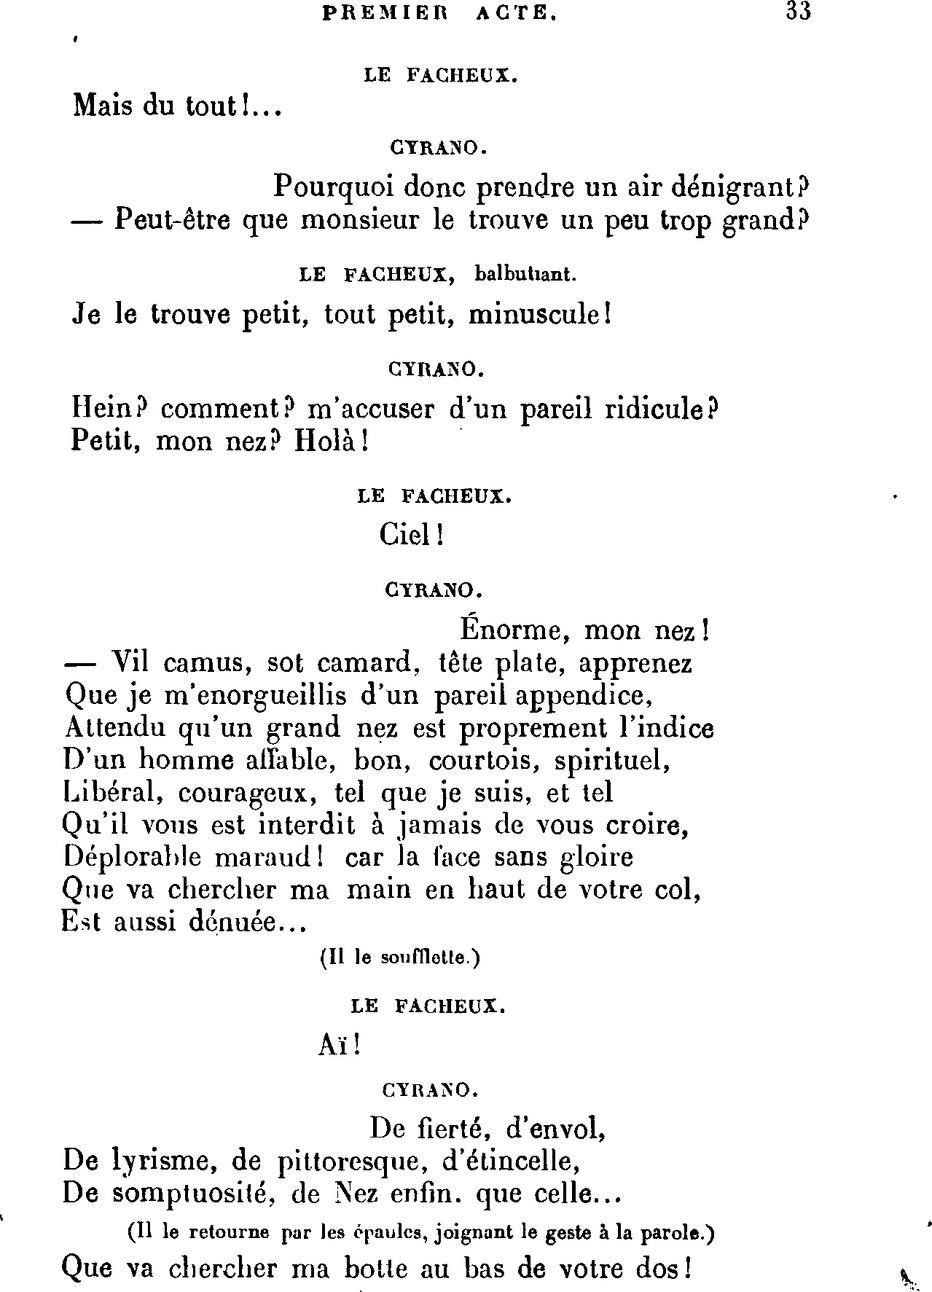 Tirade Du Nez Cyrano De Bergerac : tirade, cyrano, bergerac, Page:Rostand, Cyrano, Bergerac.djvu/33, Wikisource